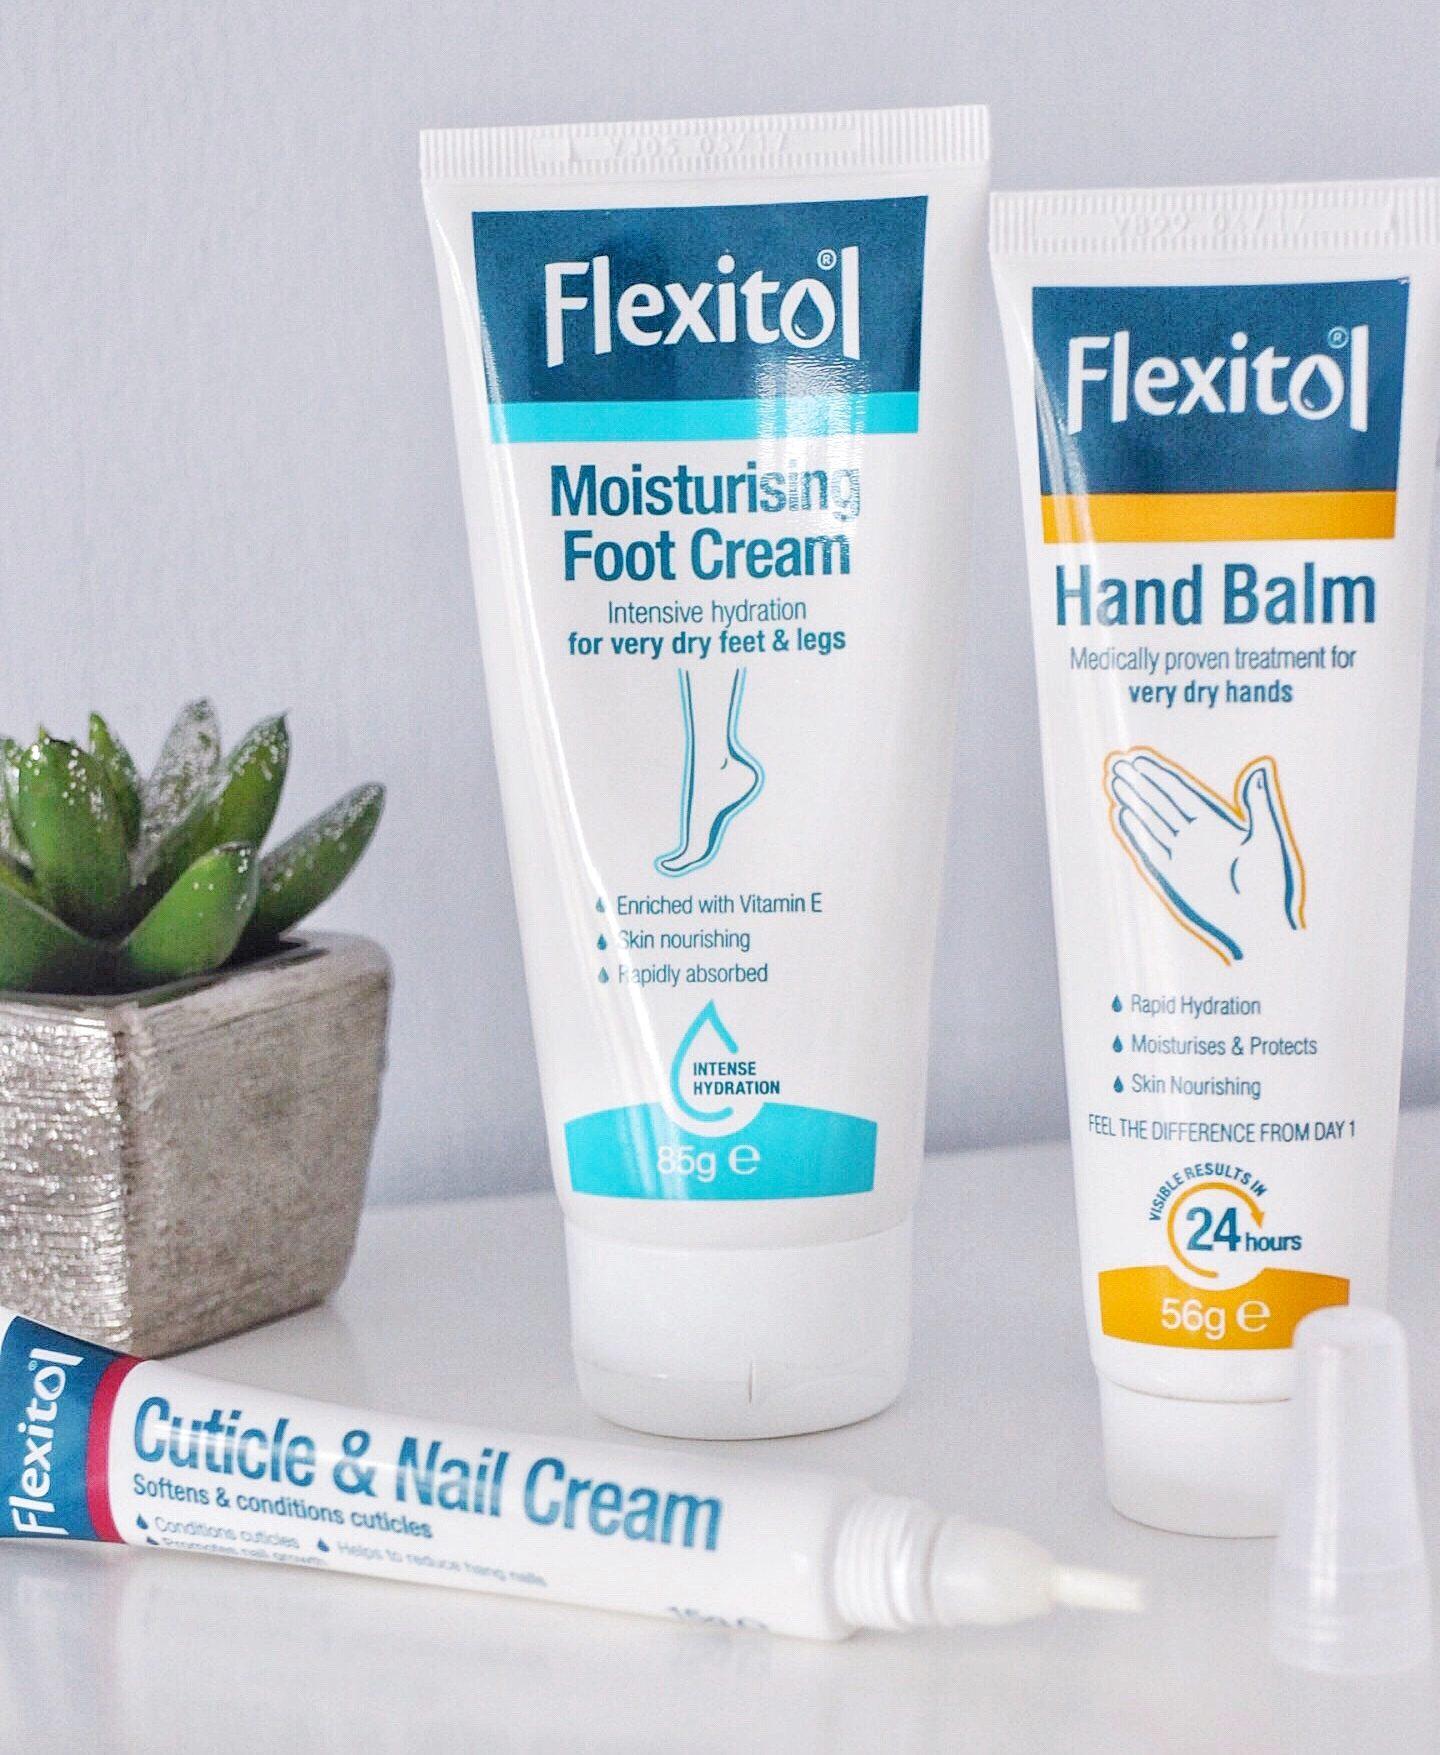 Flexitol Range Review